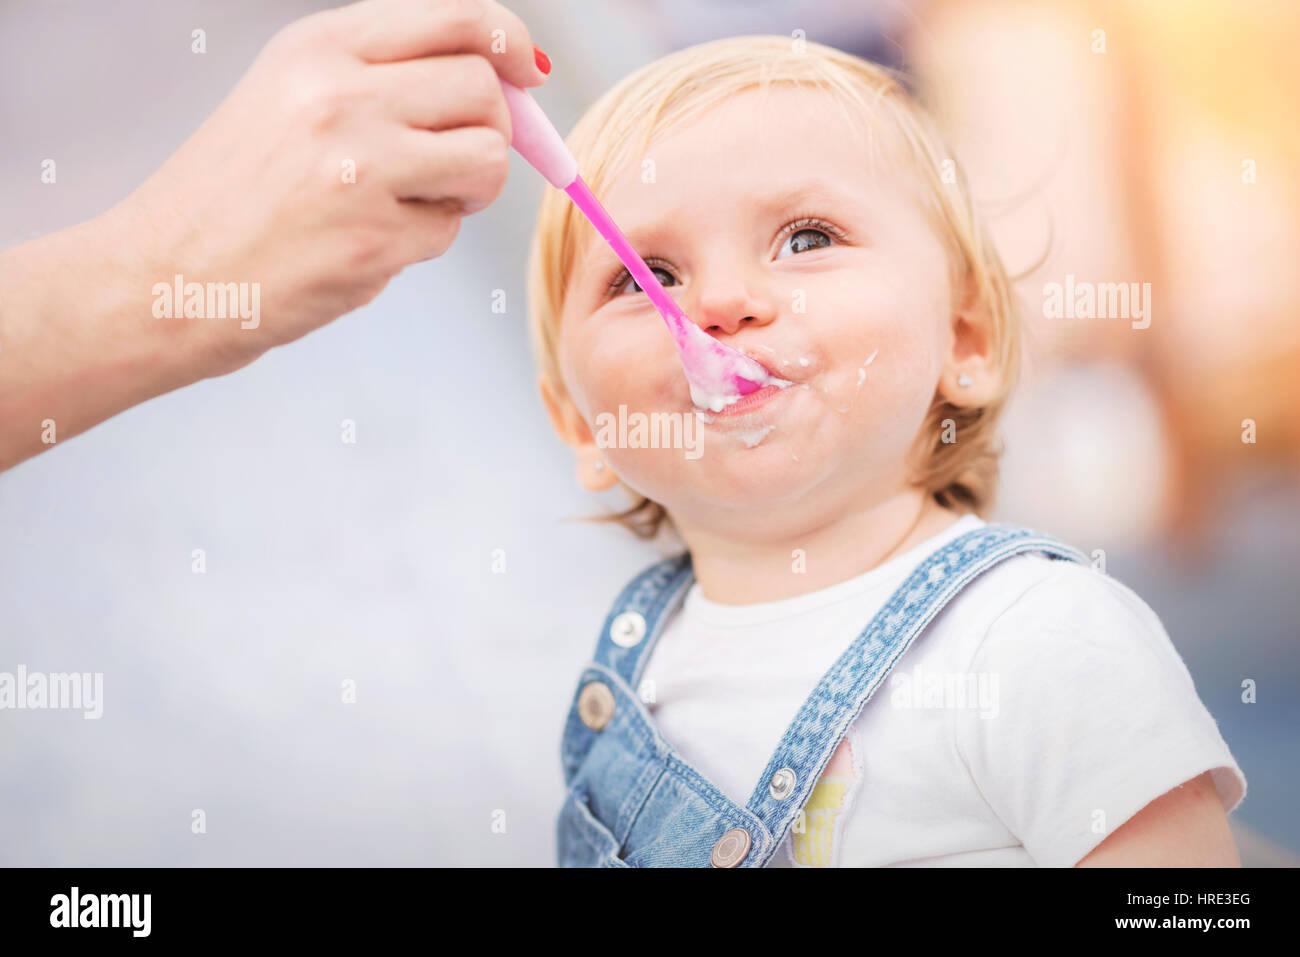 Bebé comiendo, Mamá bebé alimentación Imagen De Stock